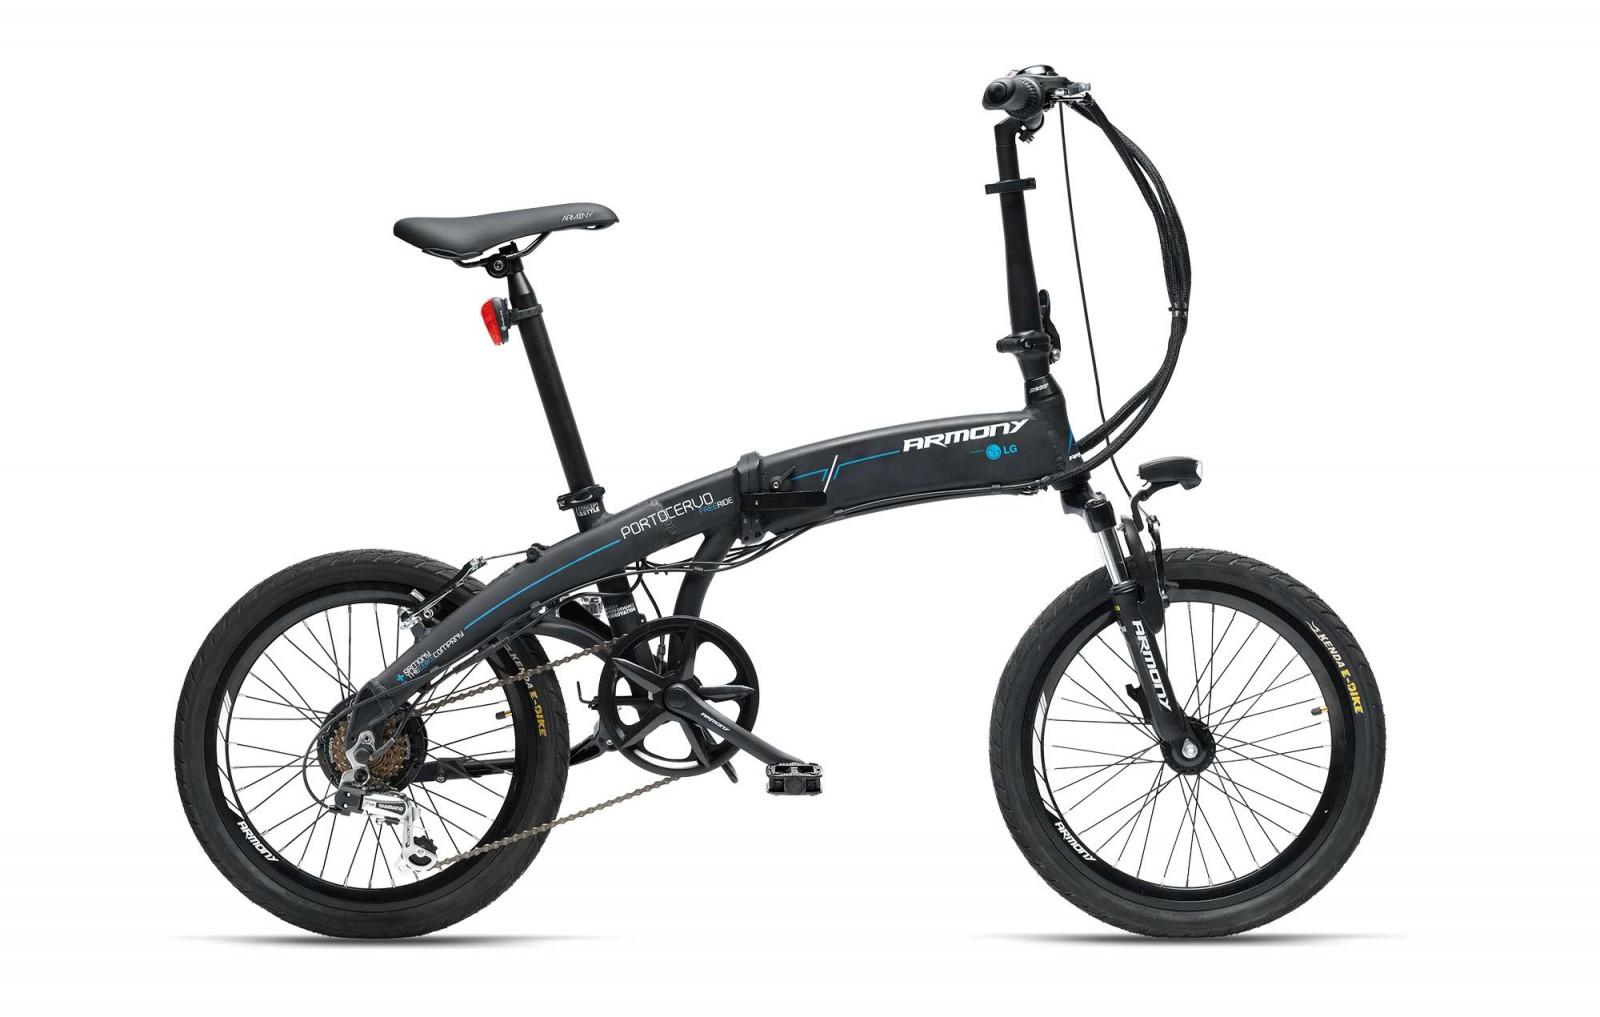 49f94a92d990dc Abbiamo appena aggiunto all'offerta delle bici del gruppo Atala anche un  paio di interessanti bici pieghevoli a pedalata assistita prodotte da  un'azienda di ...